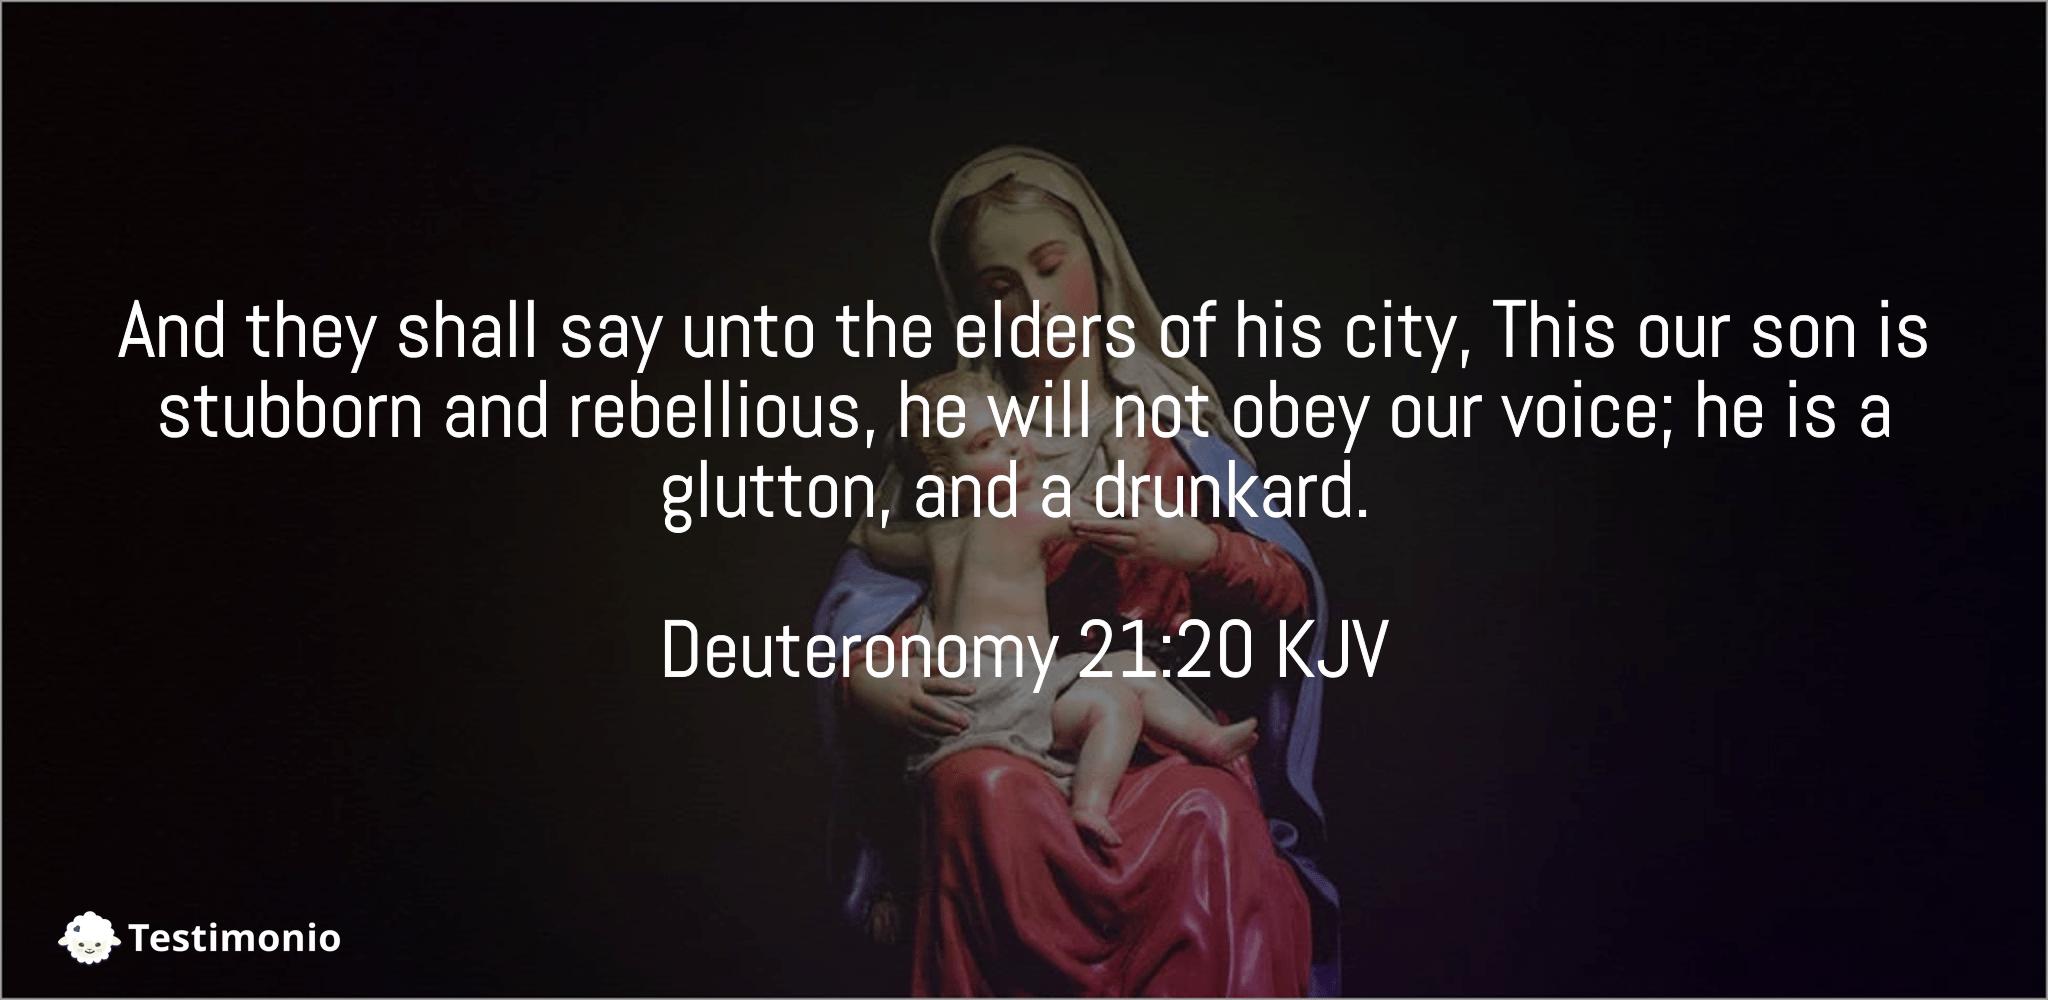 Deuteronomy 21:20